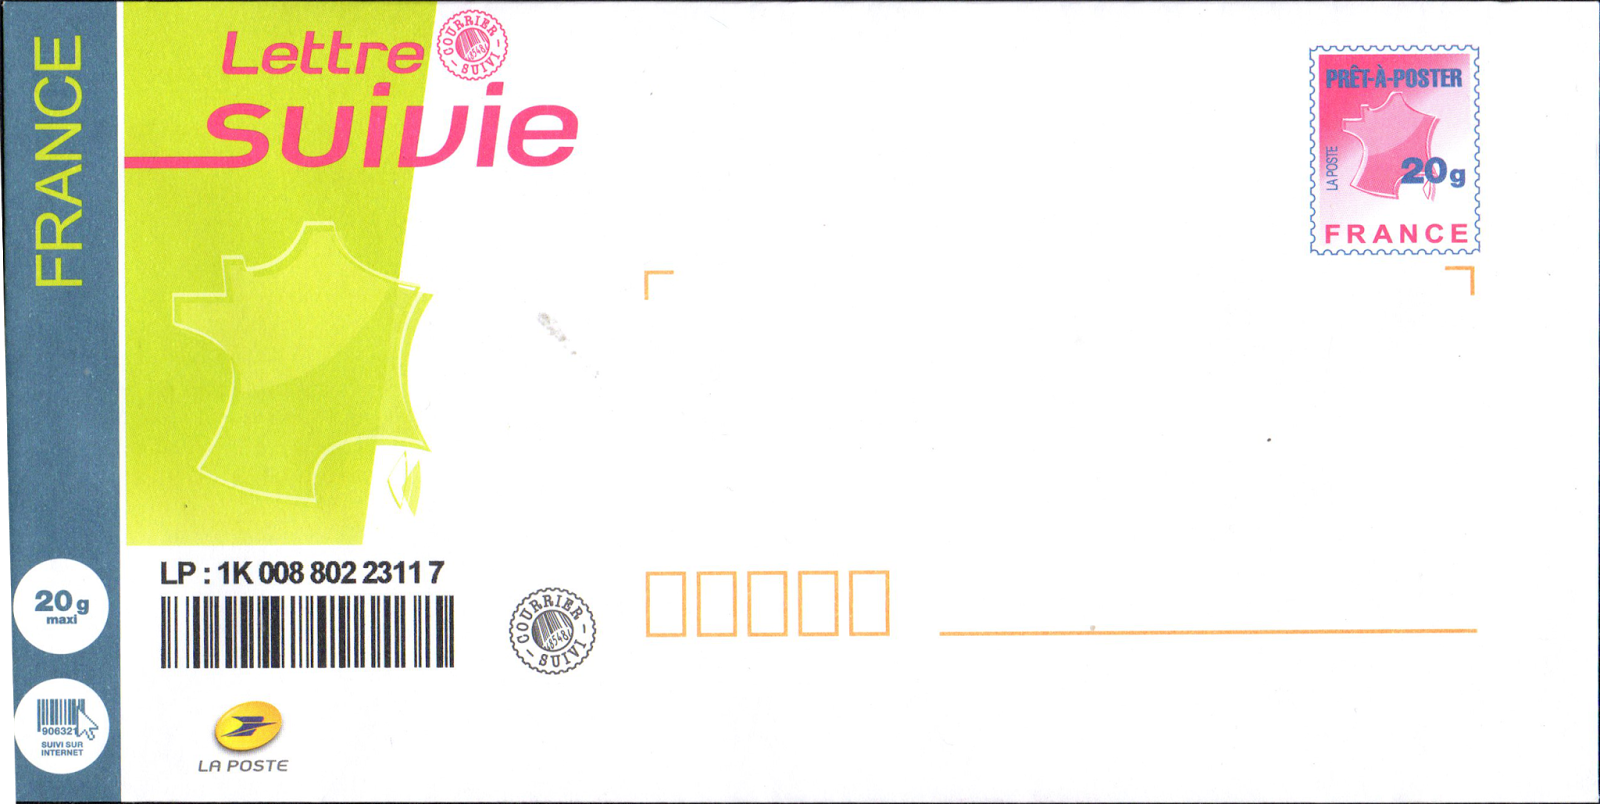 Libre service affranchissement actualit 2015 01 25 - Laposte demenagement suivi courrier ...